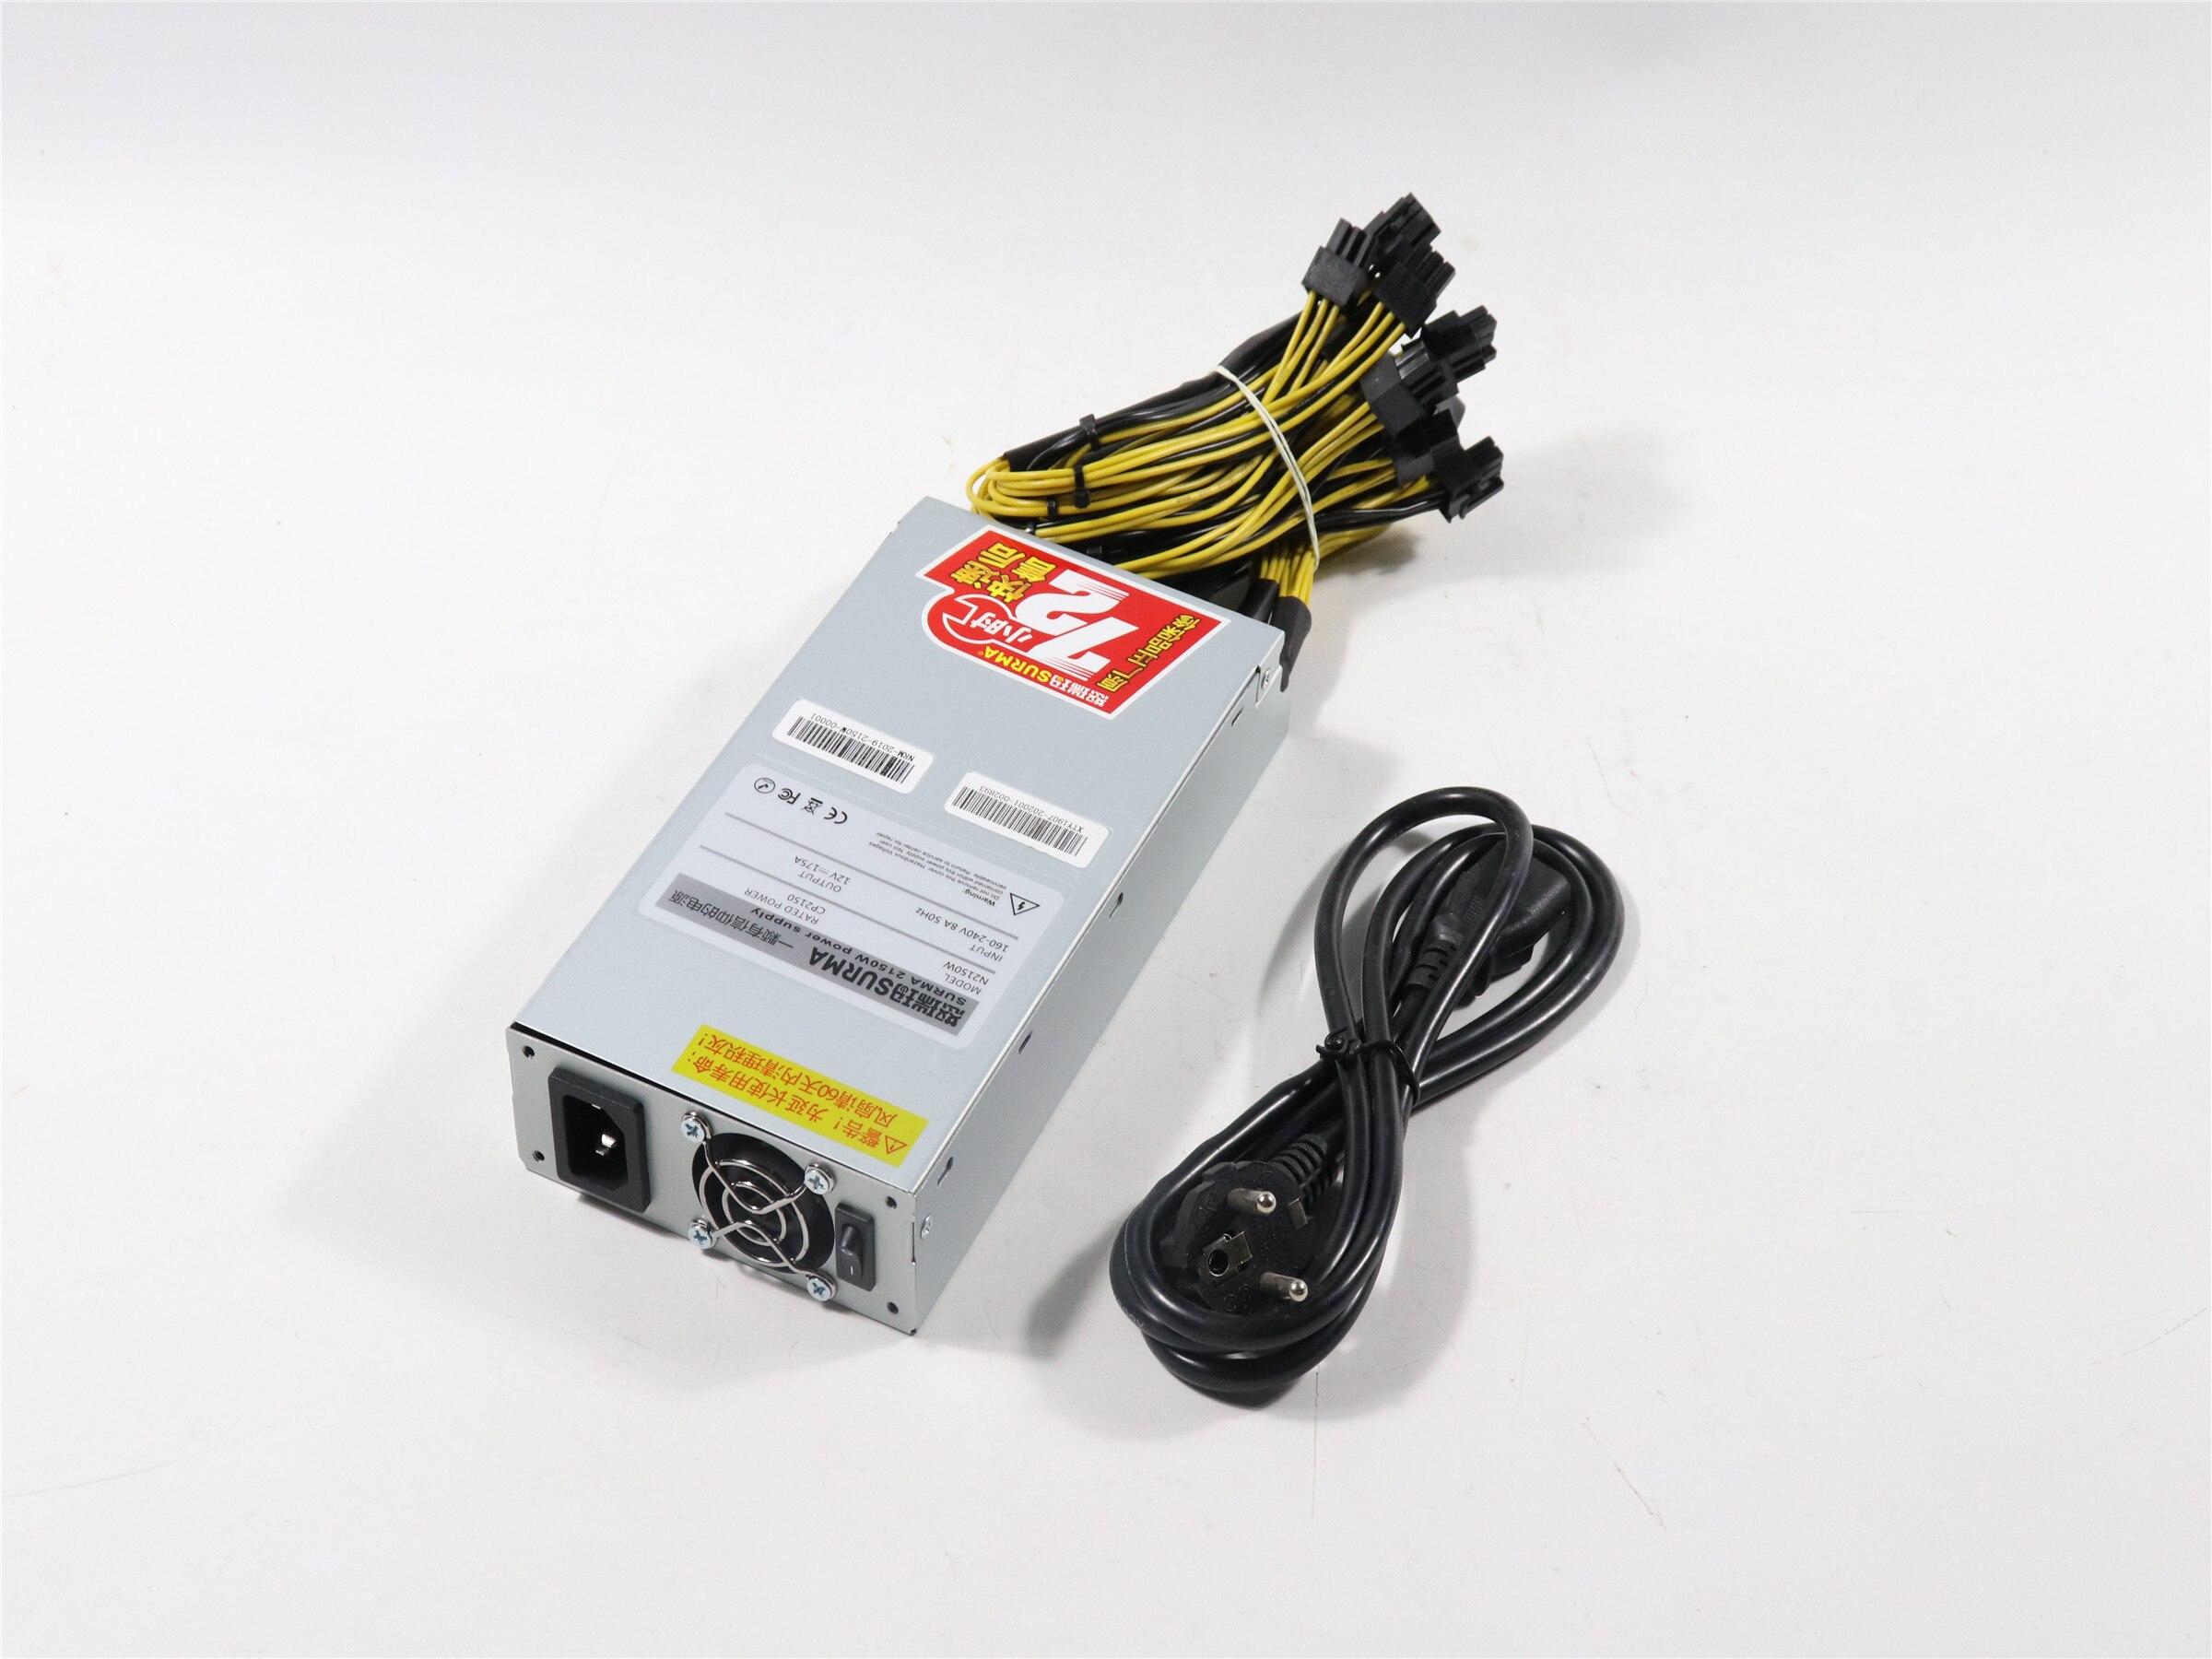 Nuovo ZEC BTC LTC DASH Minatore PSU 2150W di Potenza di Alimentazione Per Antminer S9 S9j S9k S9 SE L3 + e3 Z9 Z11 T9 Innosilicon A9 Ebit E9i ETH PSU